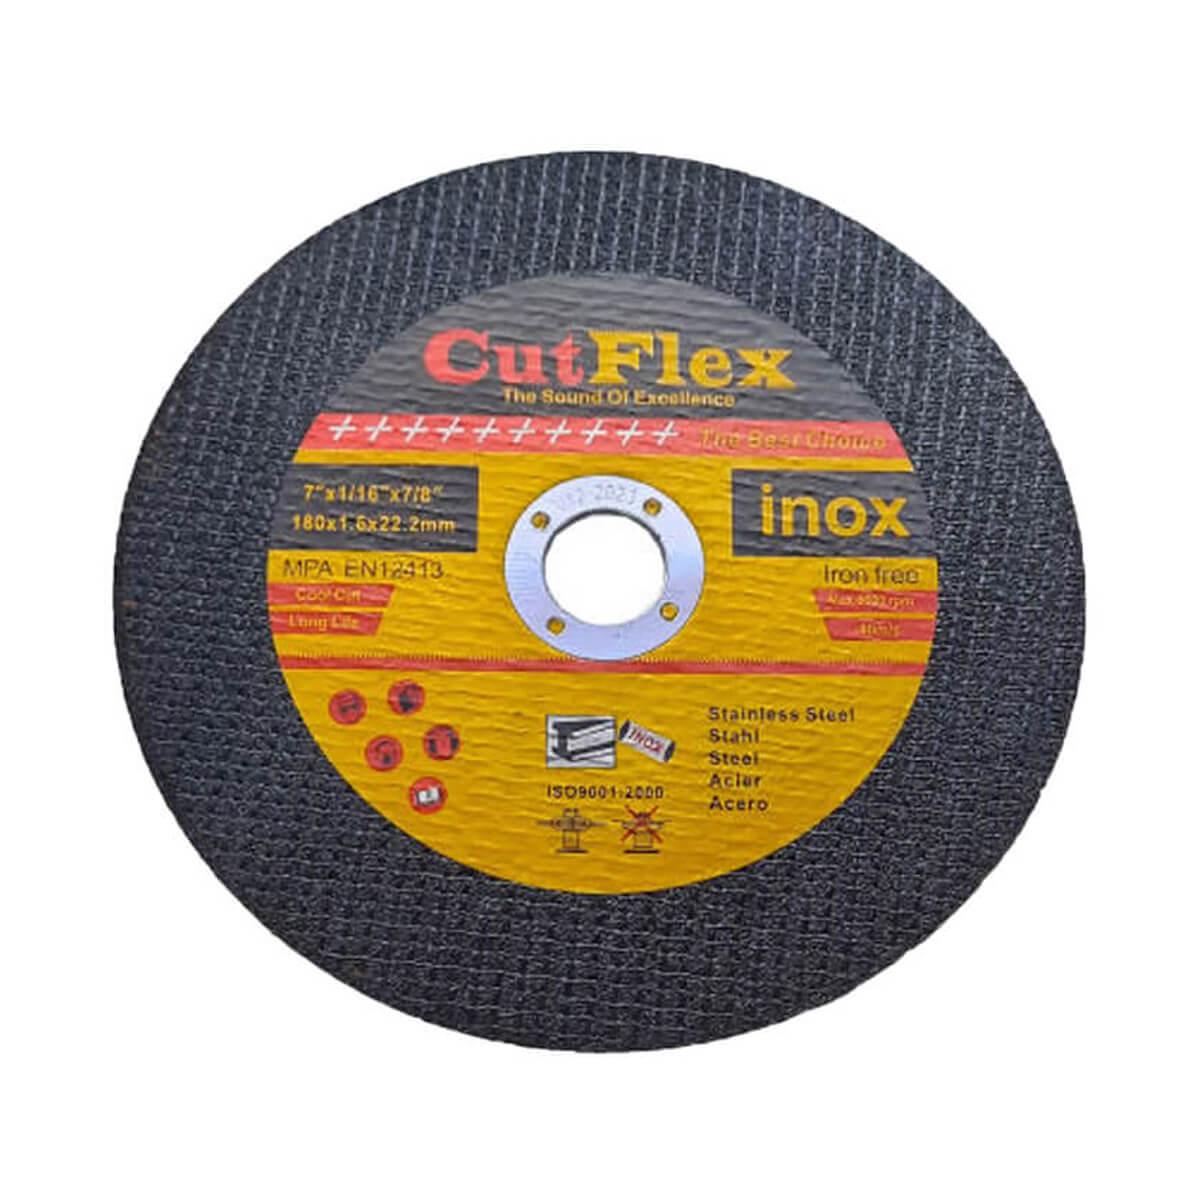 استیل بر Cutflex